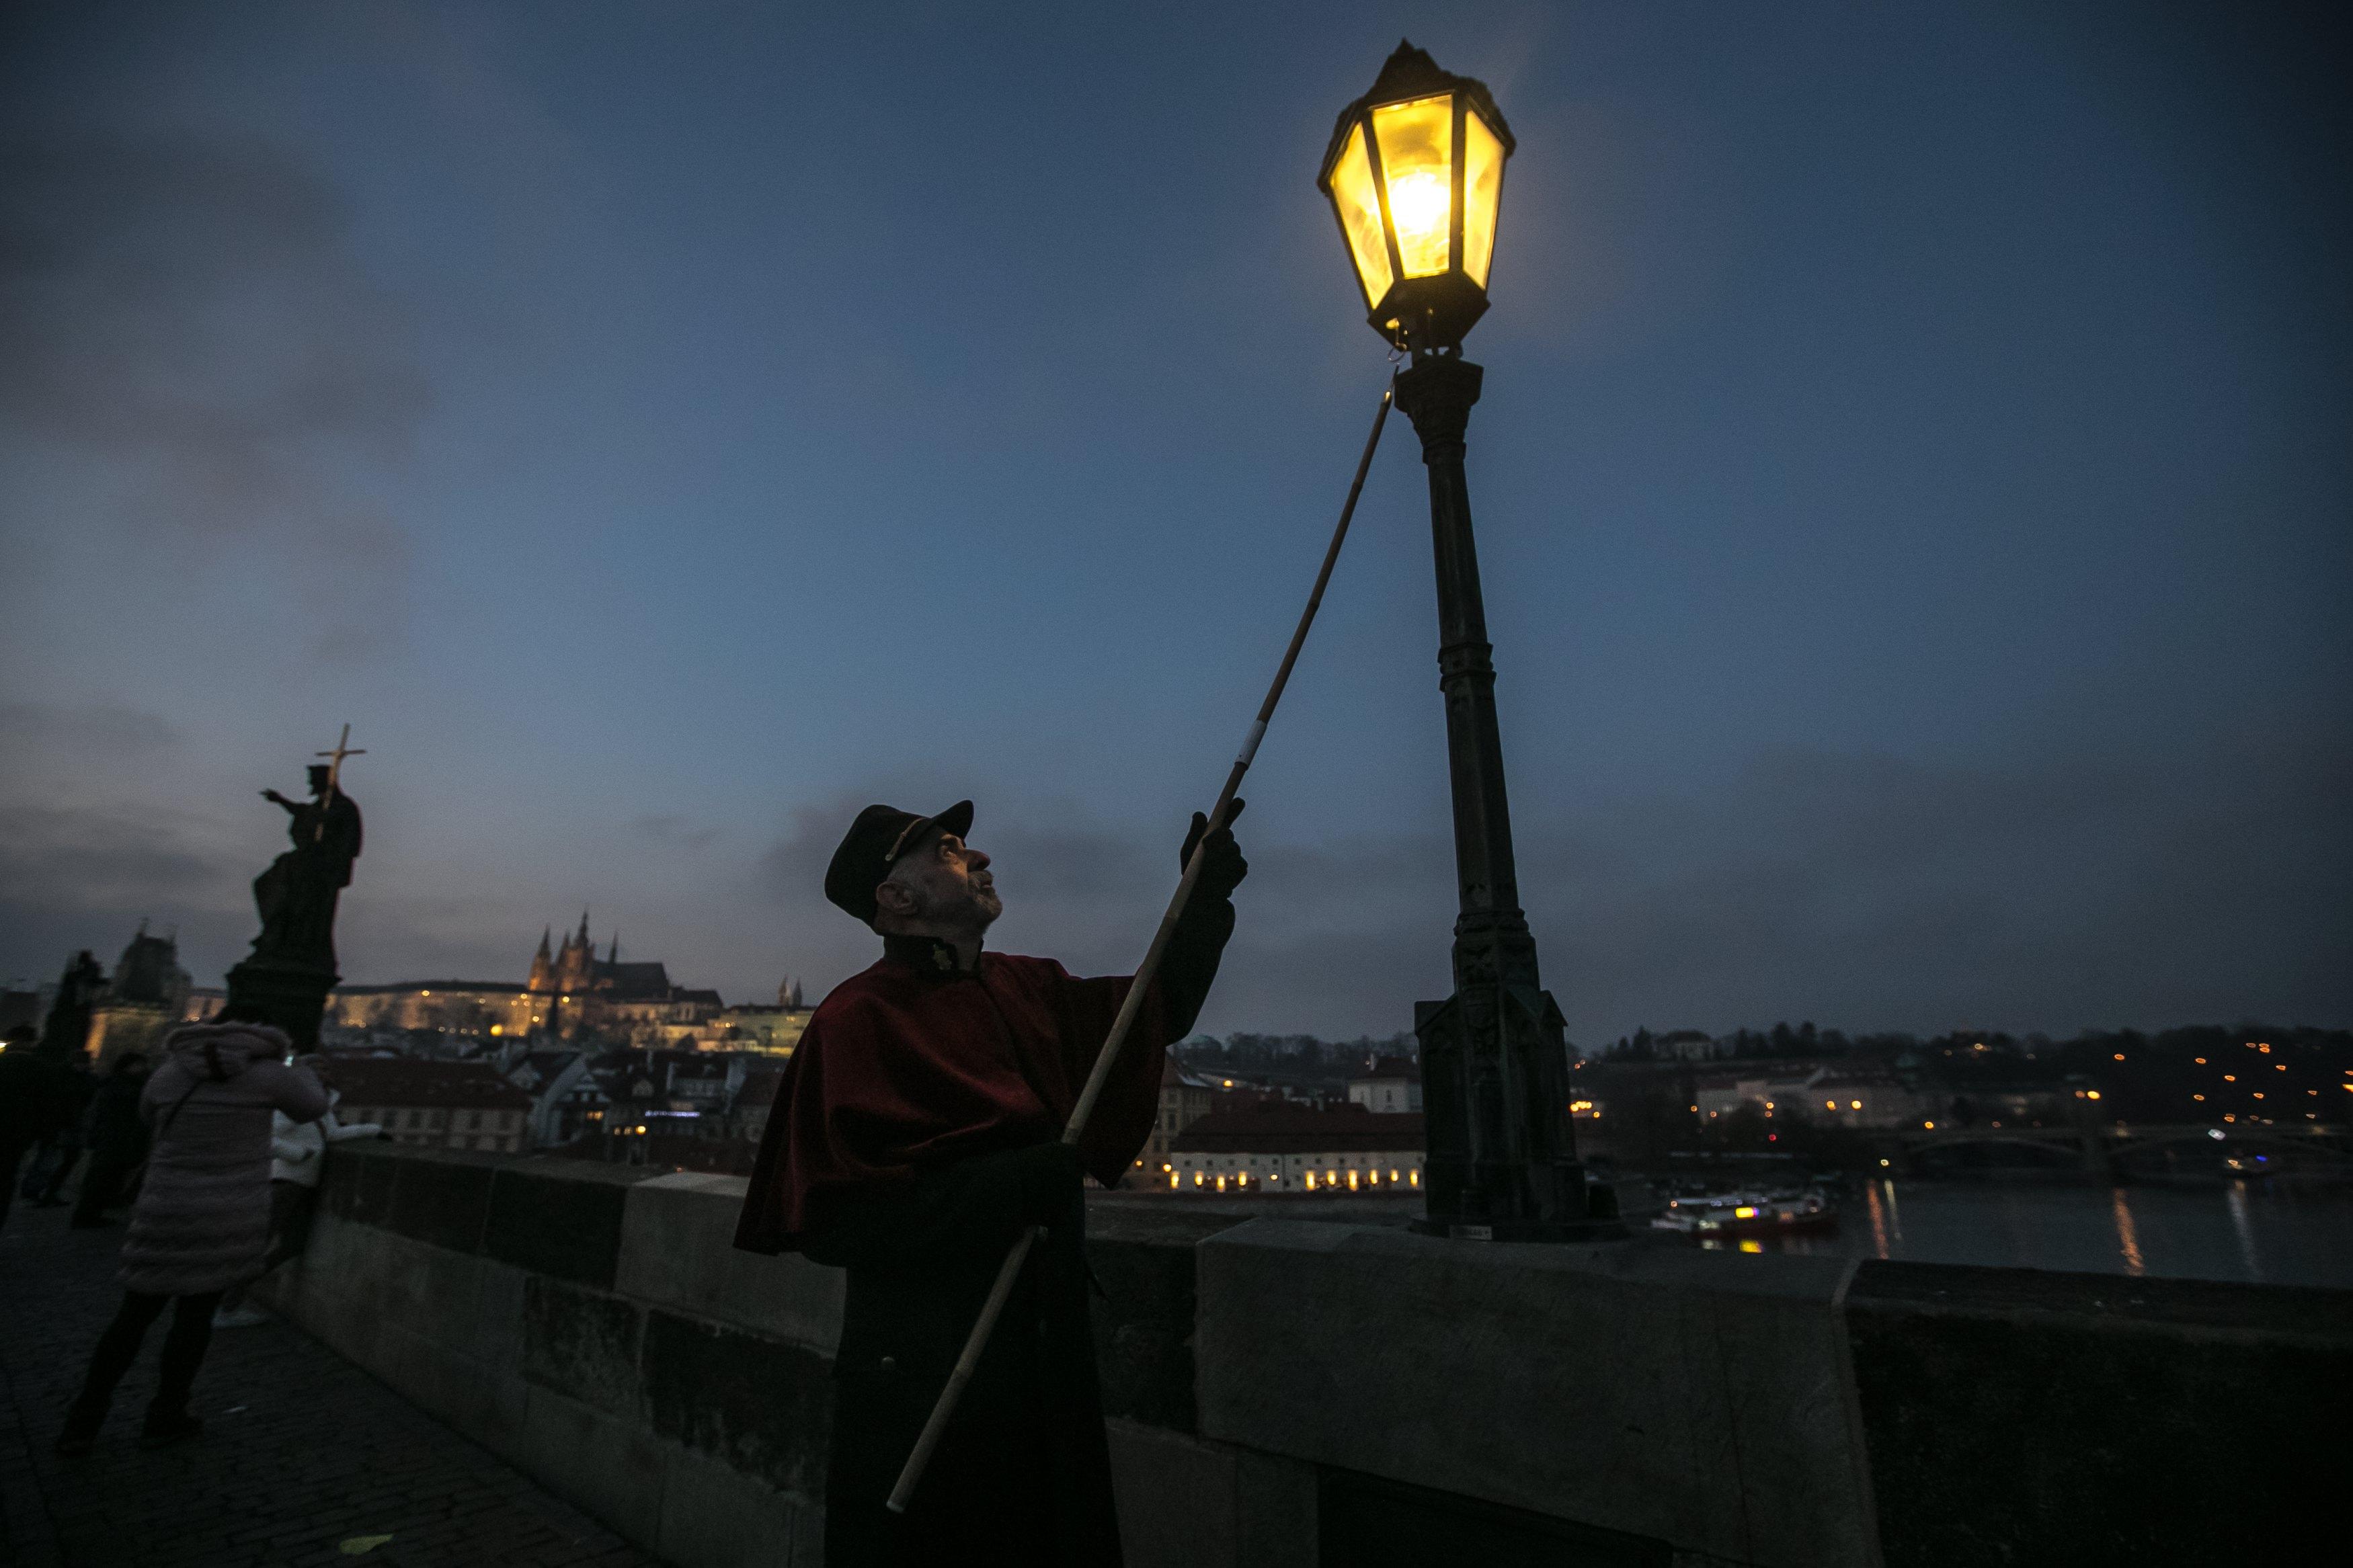 Jan Tater acende um candeeiro a gás na histórica ponte Carlos, em Praga, República Tcheca, dezembro de 2017. Todos os dias, ao anoitecer, durante o Advento, Jan Tater e o seu colega acendem os 37 candeeiros a gás da ponte medieval Carlos, uma atração para turistas. As primeiras lâmpadas de gás na ponte Carlos datam de 1848. EPA / MARTIN DIVISEK